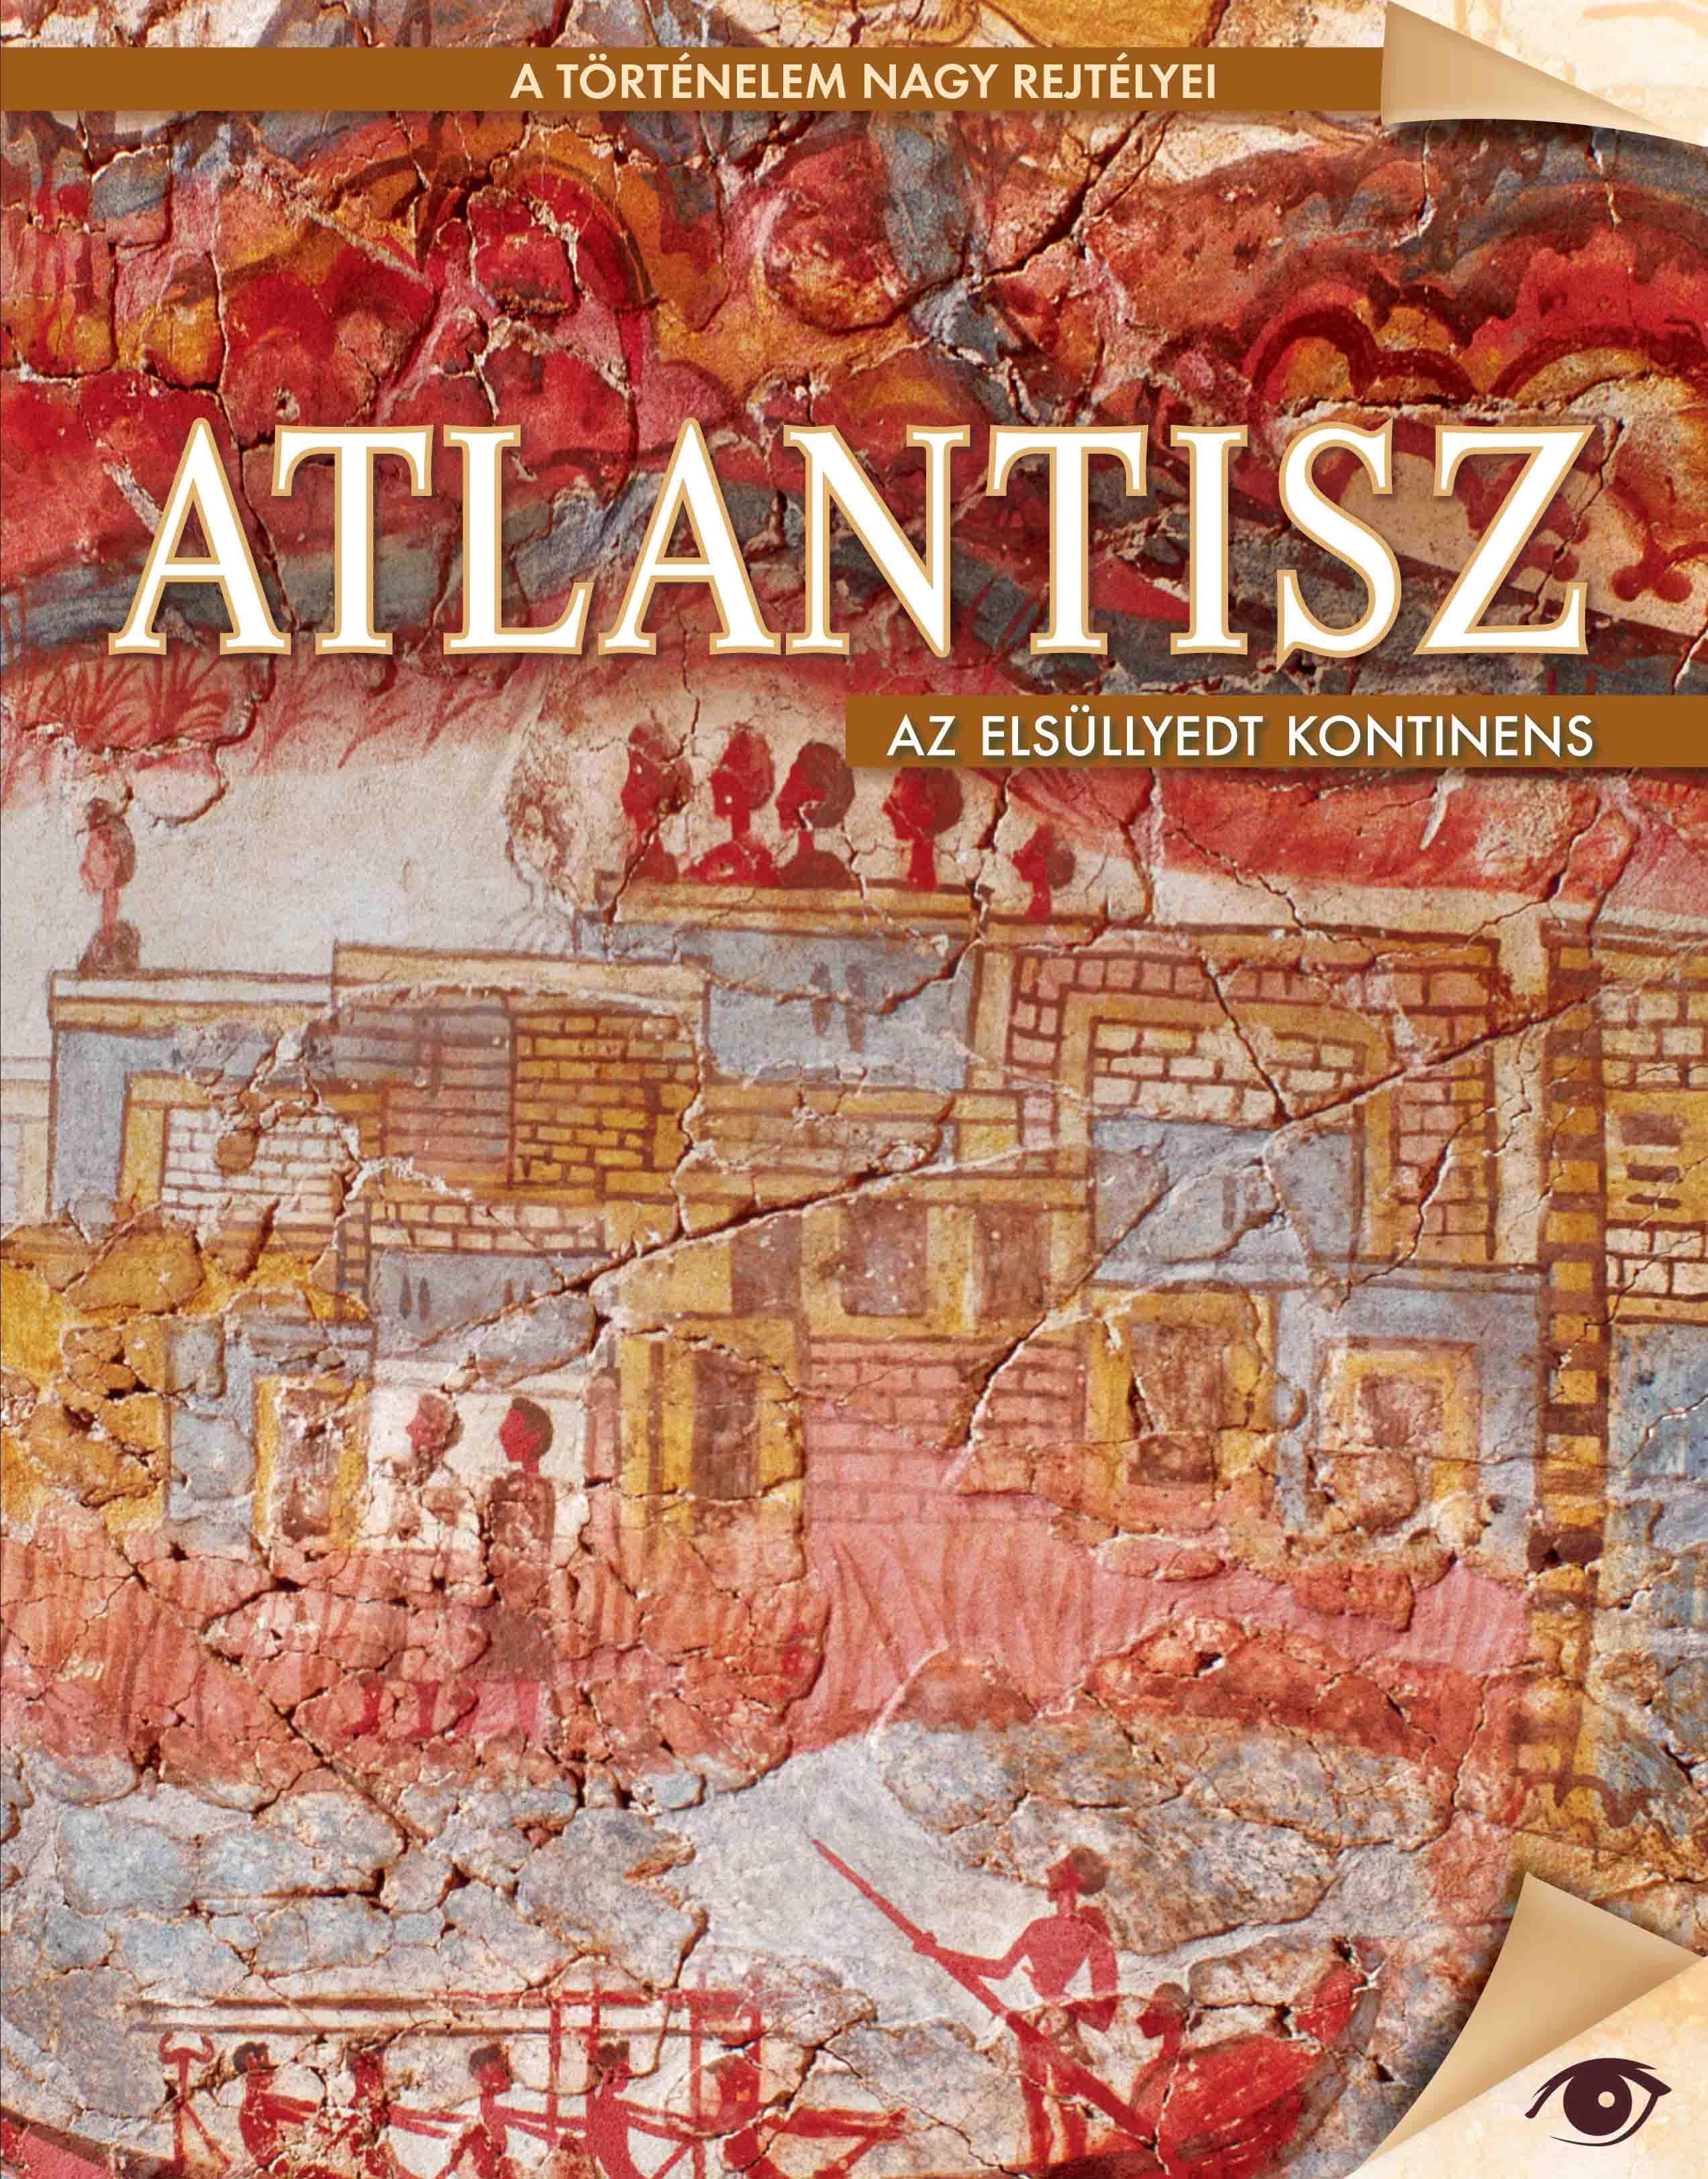 ATLANTISZ - AZ ELSÜLLYEDT KONTINENS - A TÖRTÉNELEM NAGY REJTÉLYEI